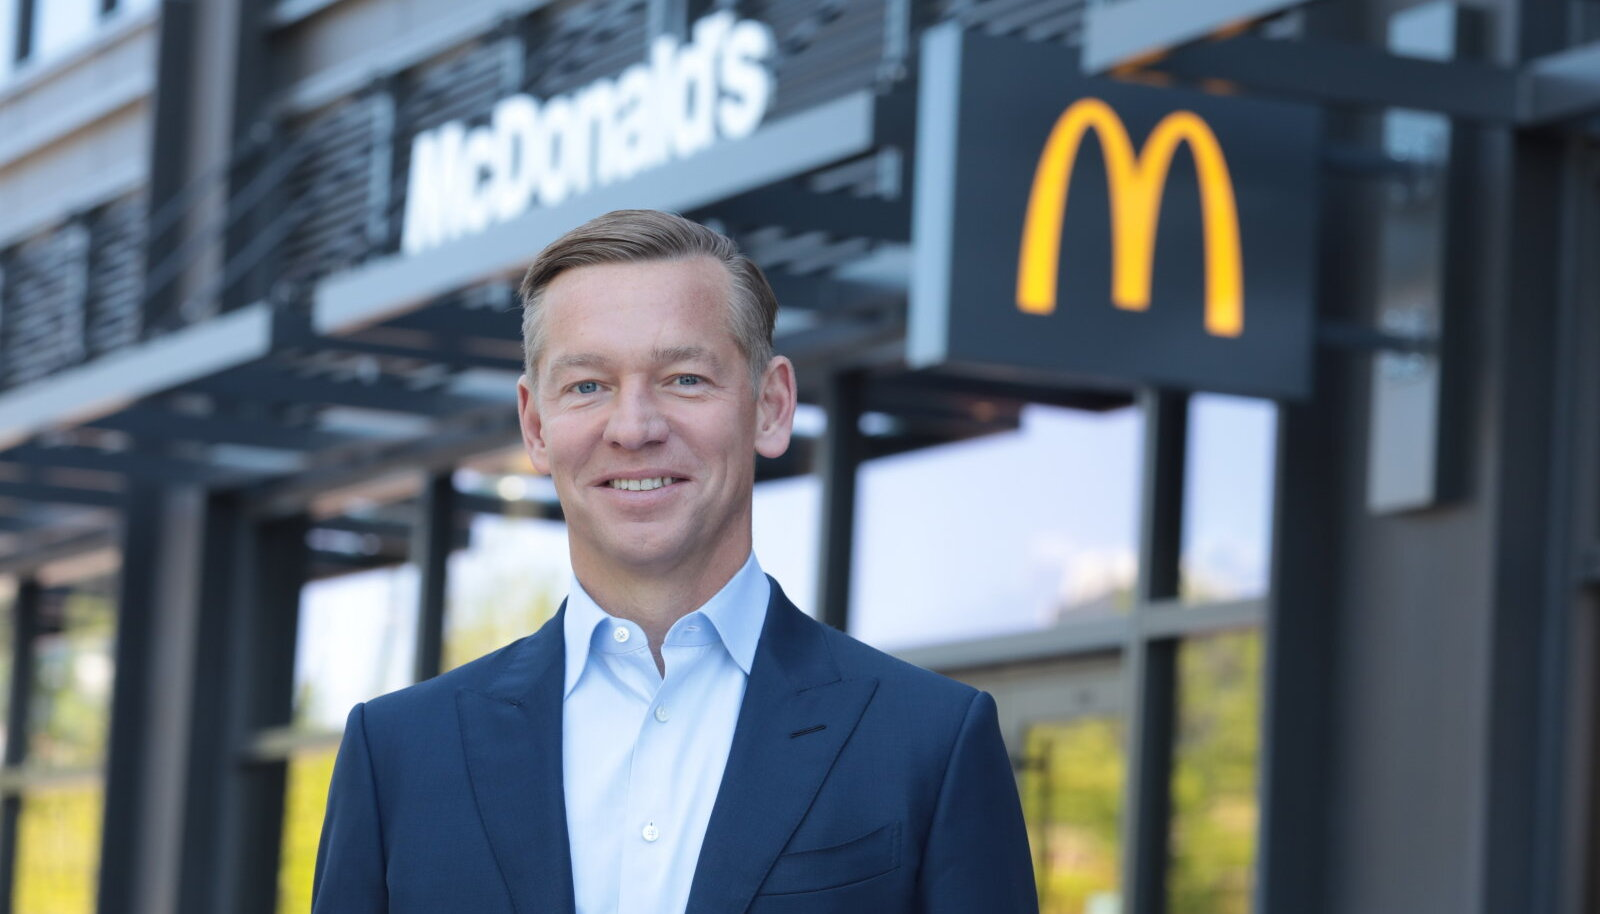 52-aastane Chris Kempczinski on olnud McDonald's'i tegevjuht ja president alates 2019. aasta novembrist